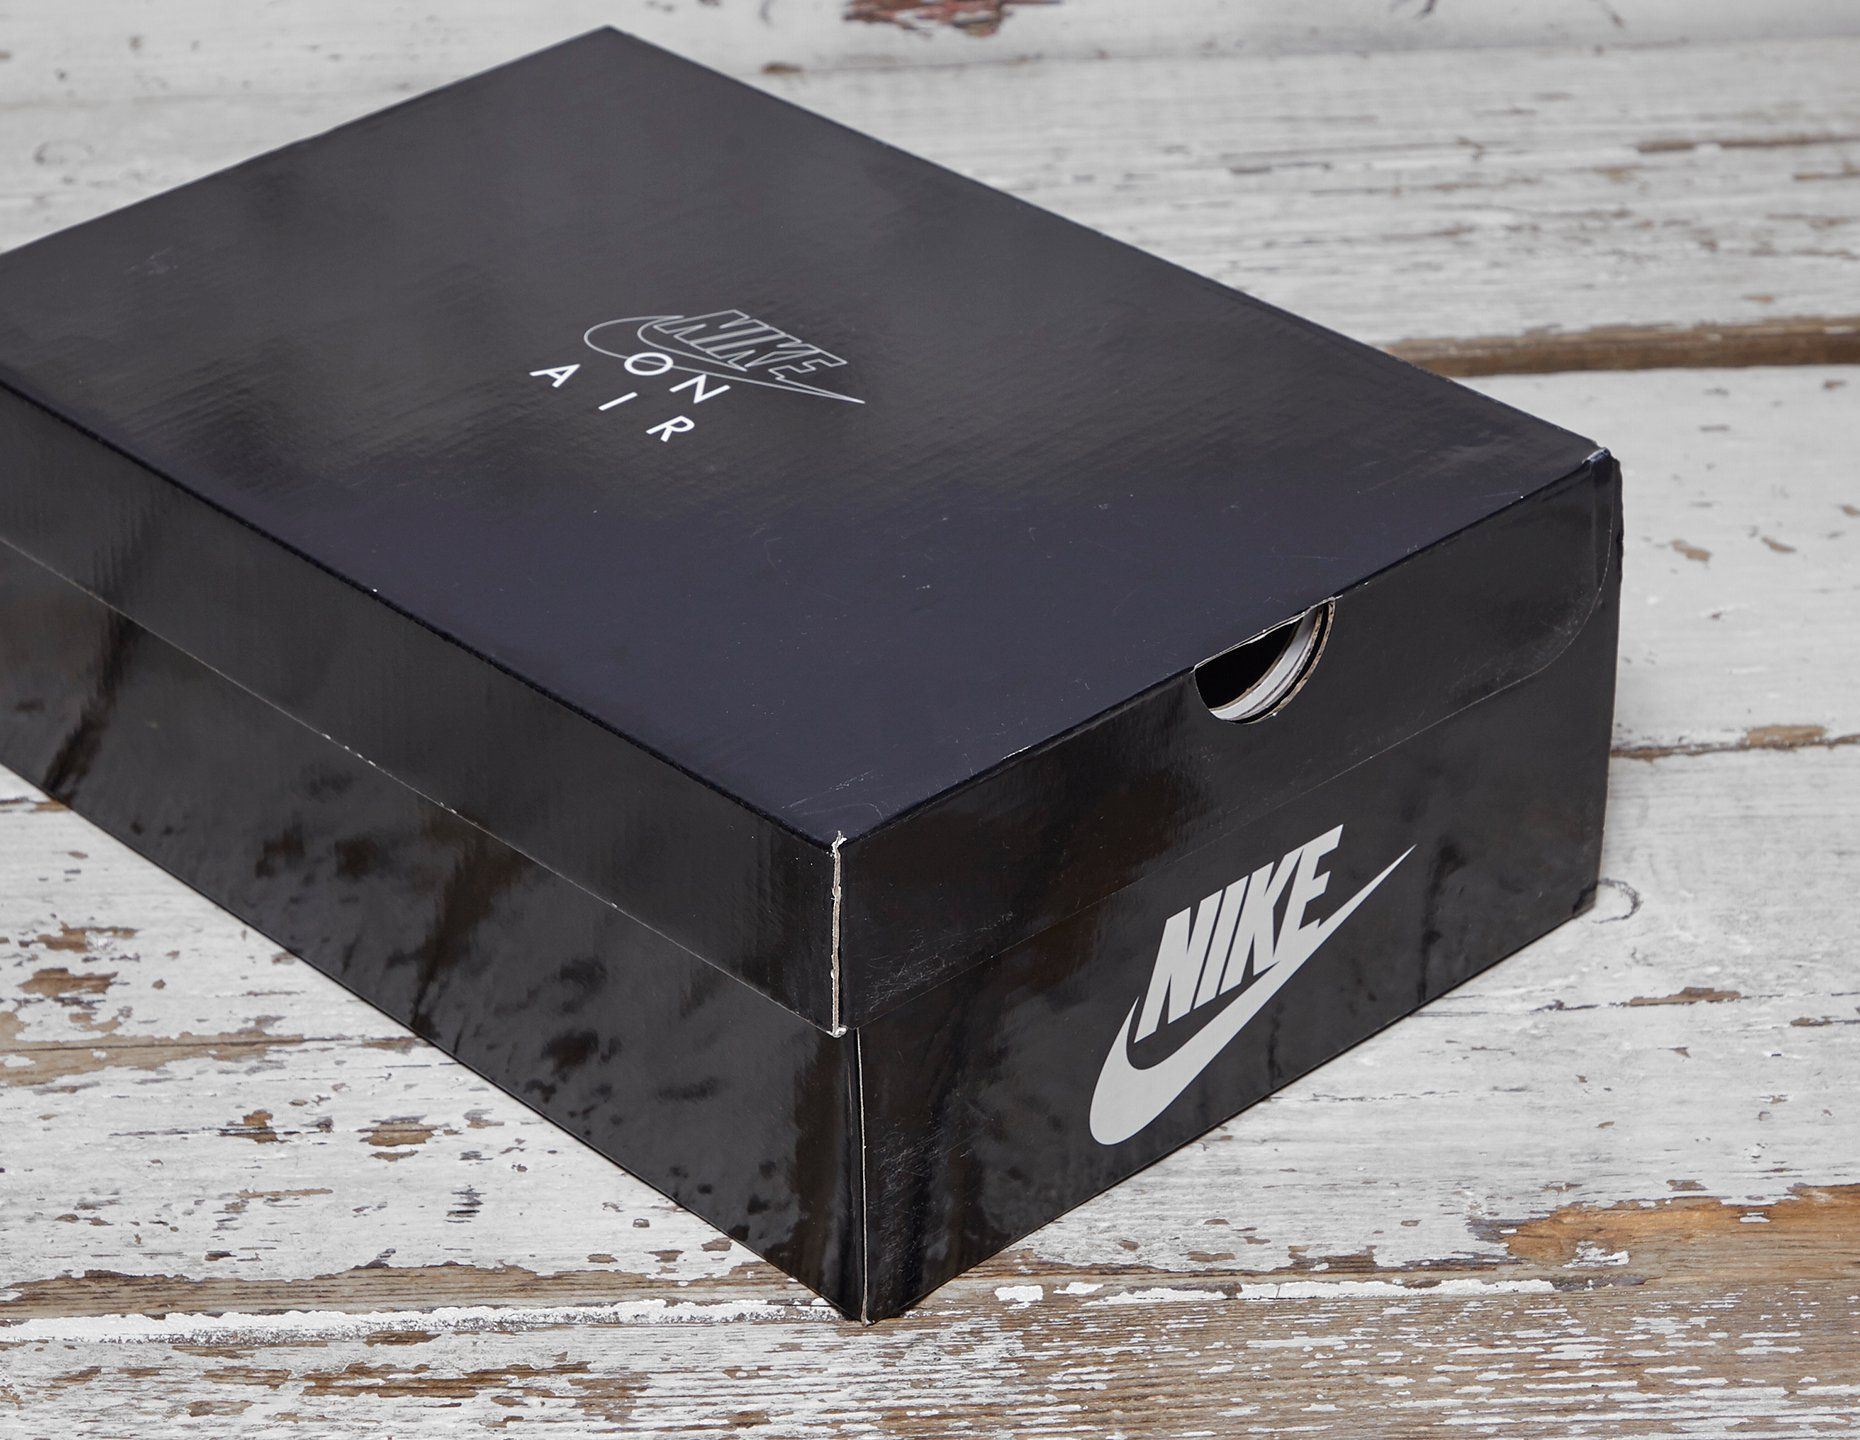 Nike Air Max 97 'On Air' QS